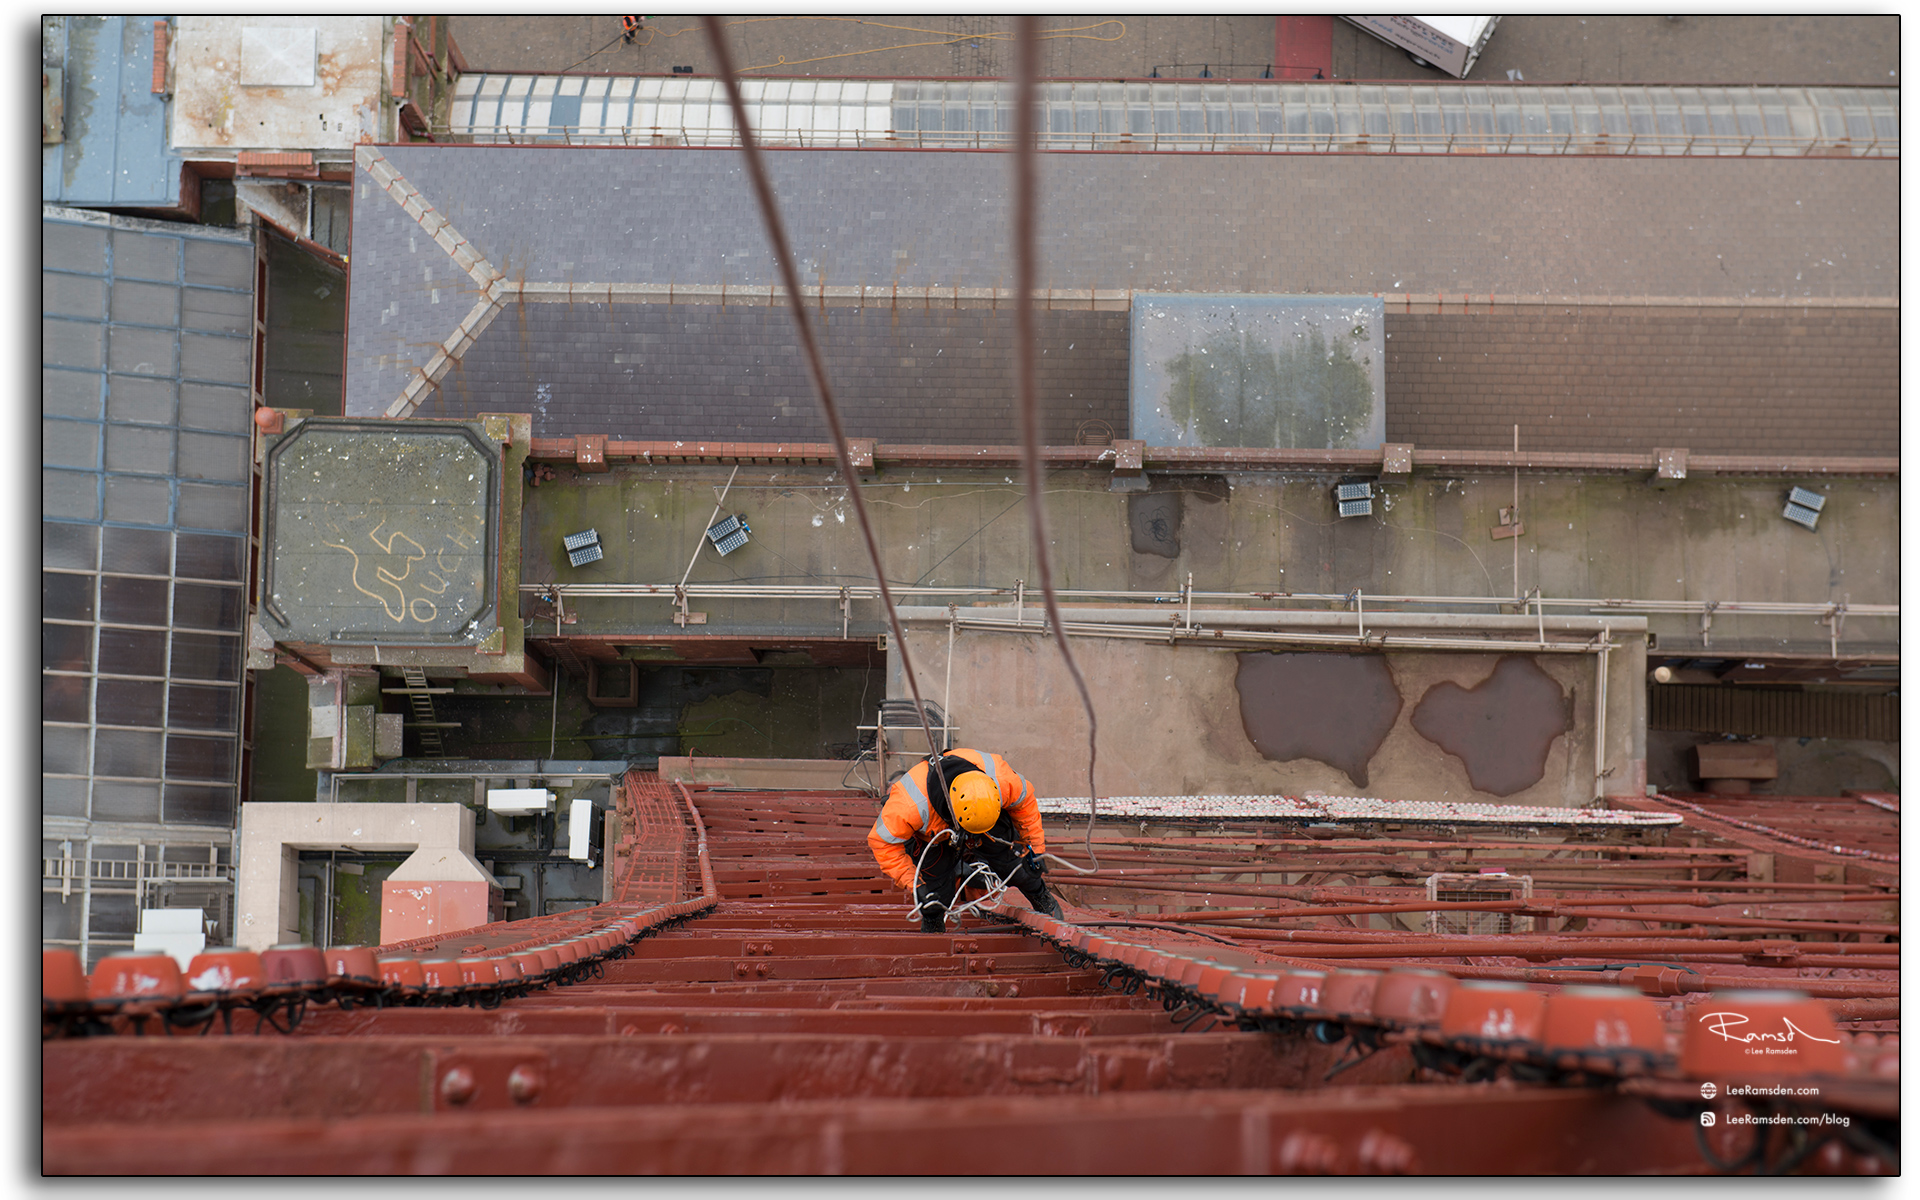 Blackpool tower, abseiling, industrial worker, in orange ppe, LEE RAMSDEN